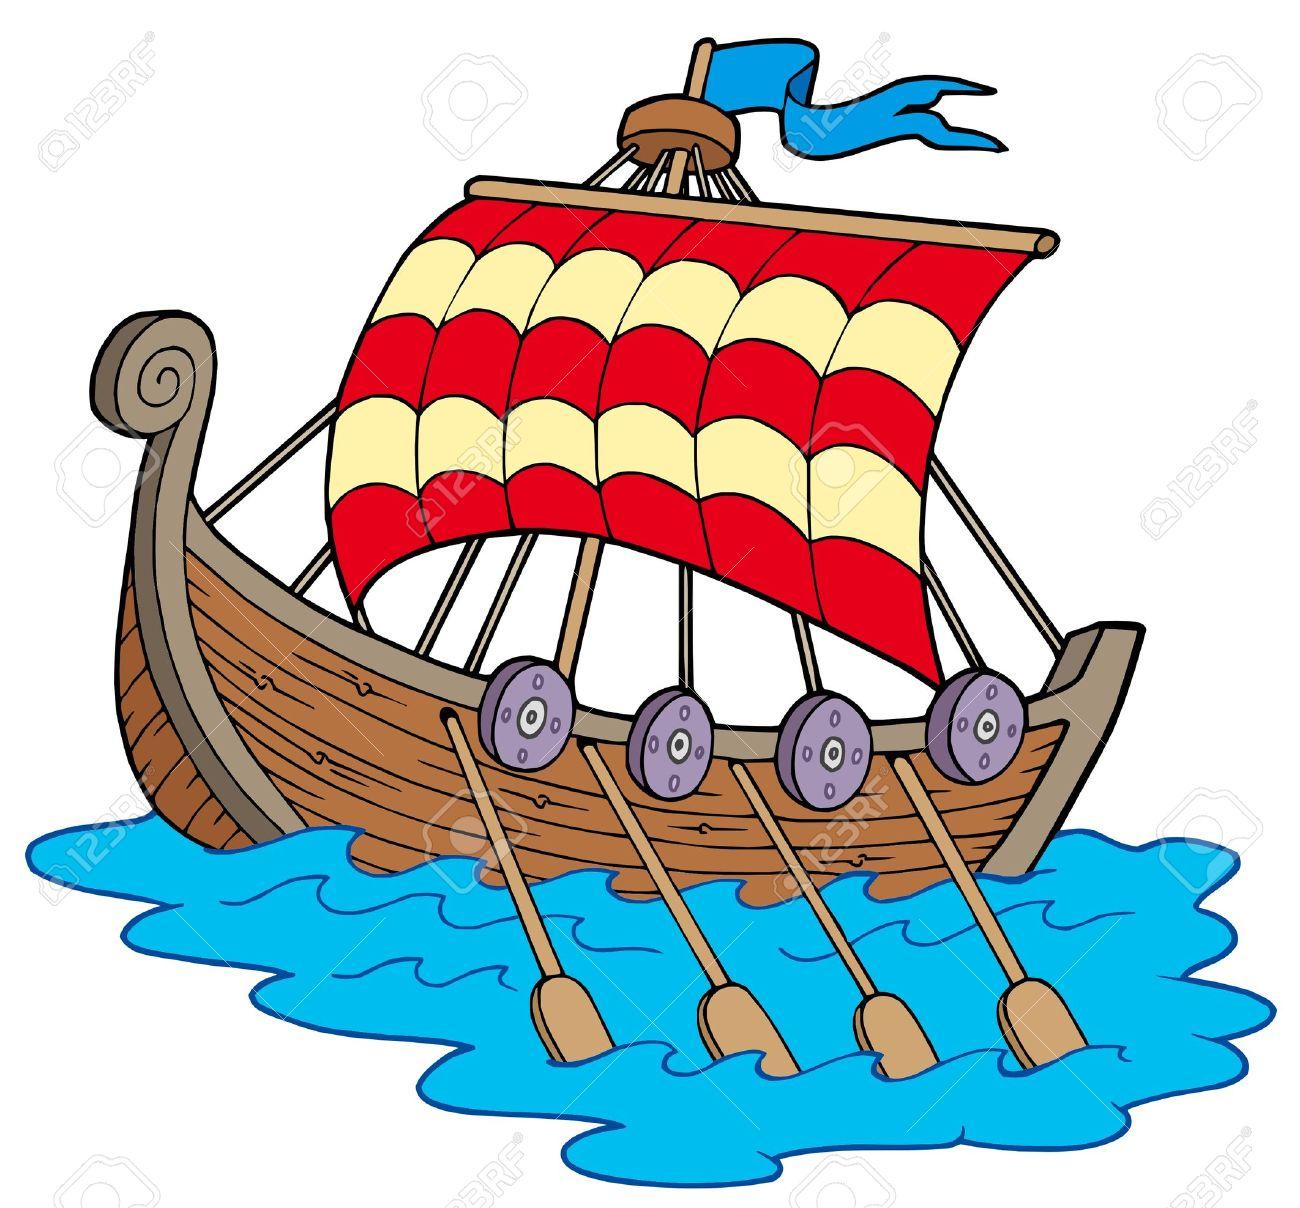 Barco Vikingo. Fondo Blanco. Ilustración Vectorial..